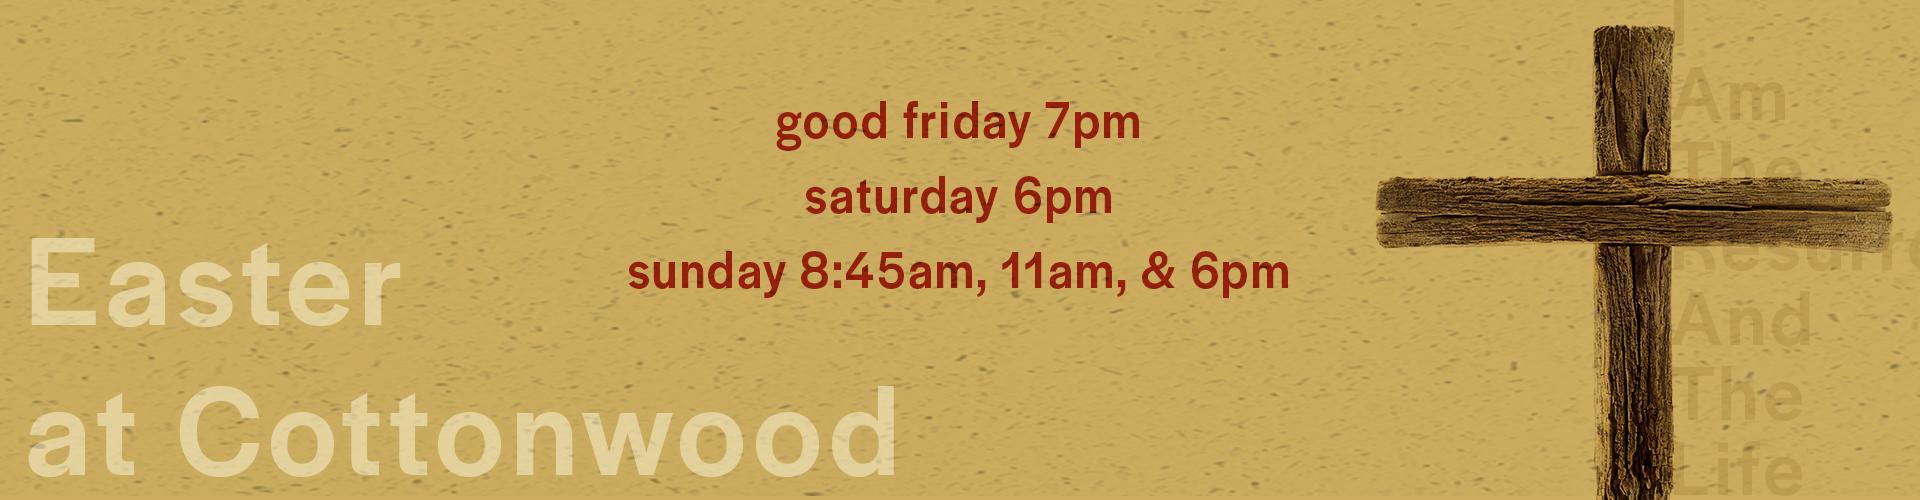 Easter at cottonwood. Good Friday at 7pm, Saturday at 6pm, Sunday at 8:45am 11am and 6pm